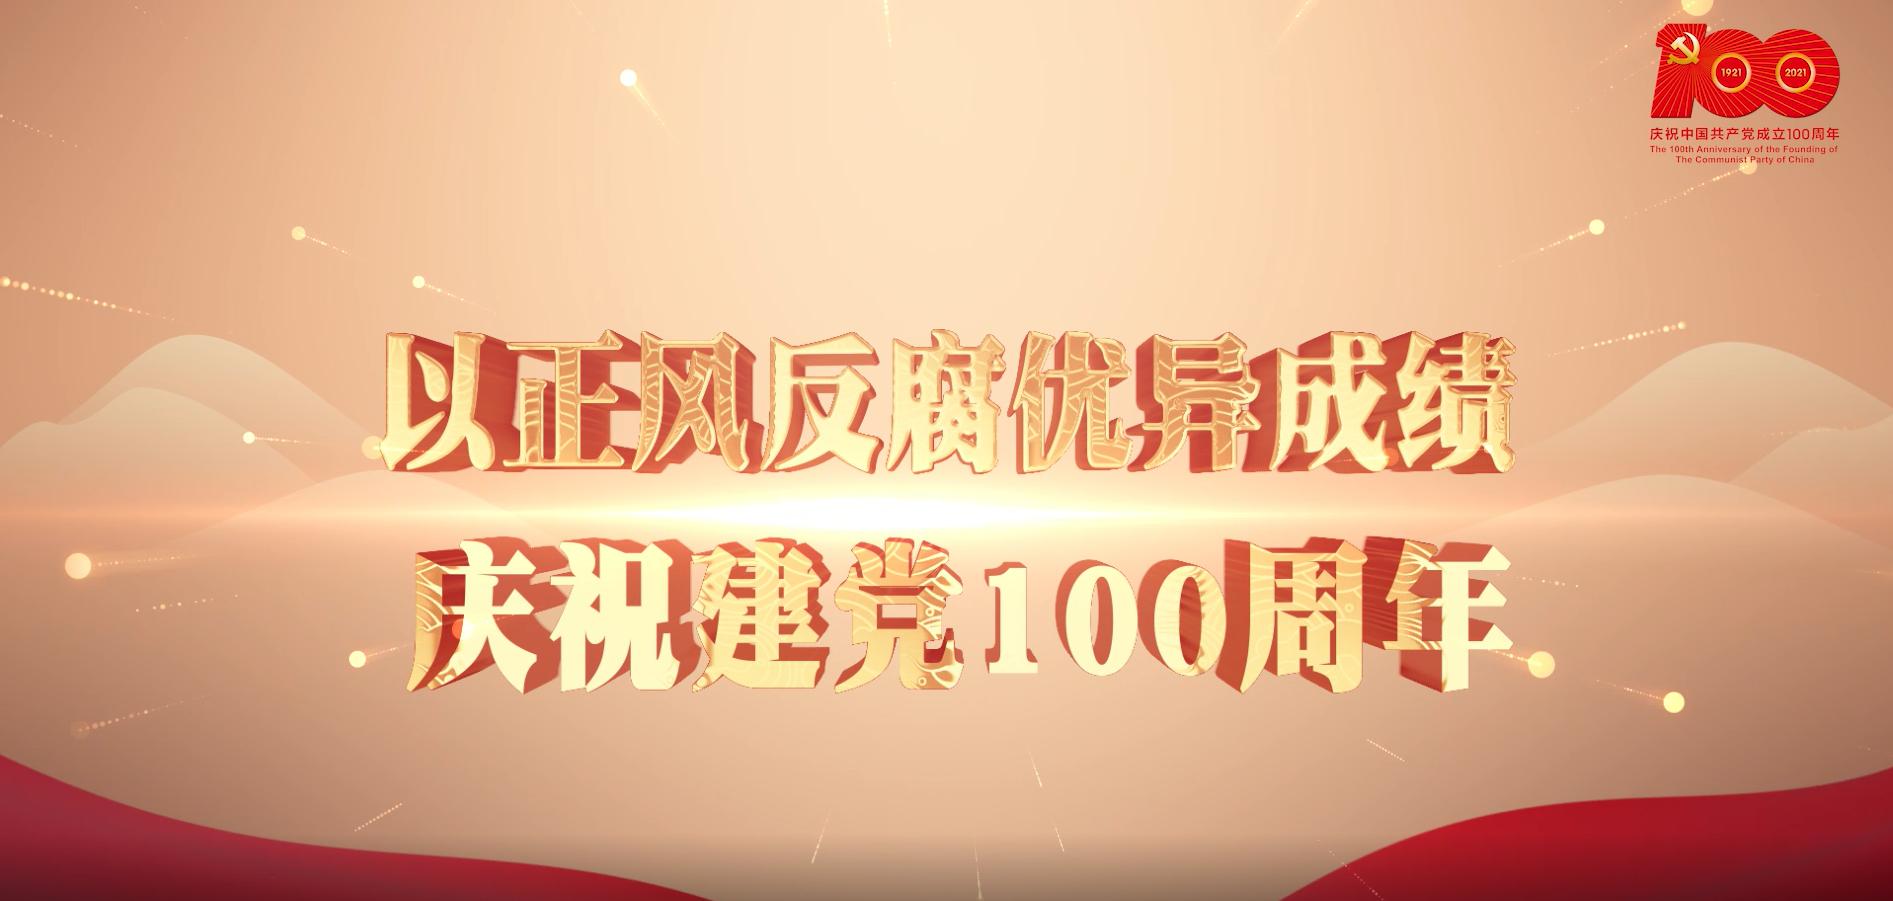 庆祝建党100周年丨百年大党正青春 新时代纪检监察人风华正茂